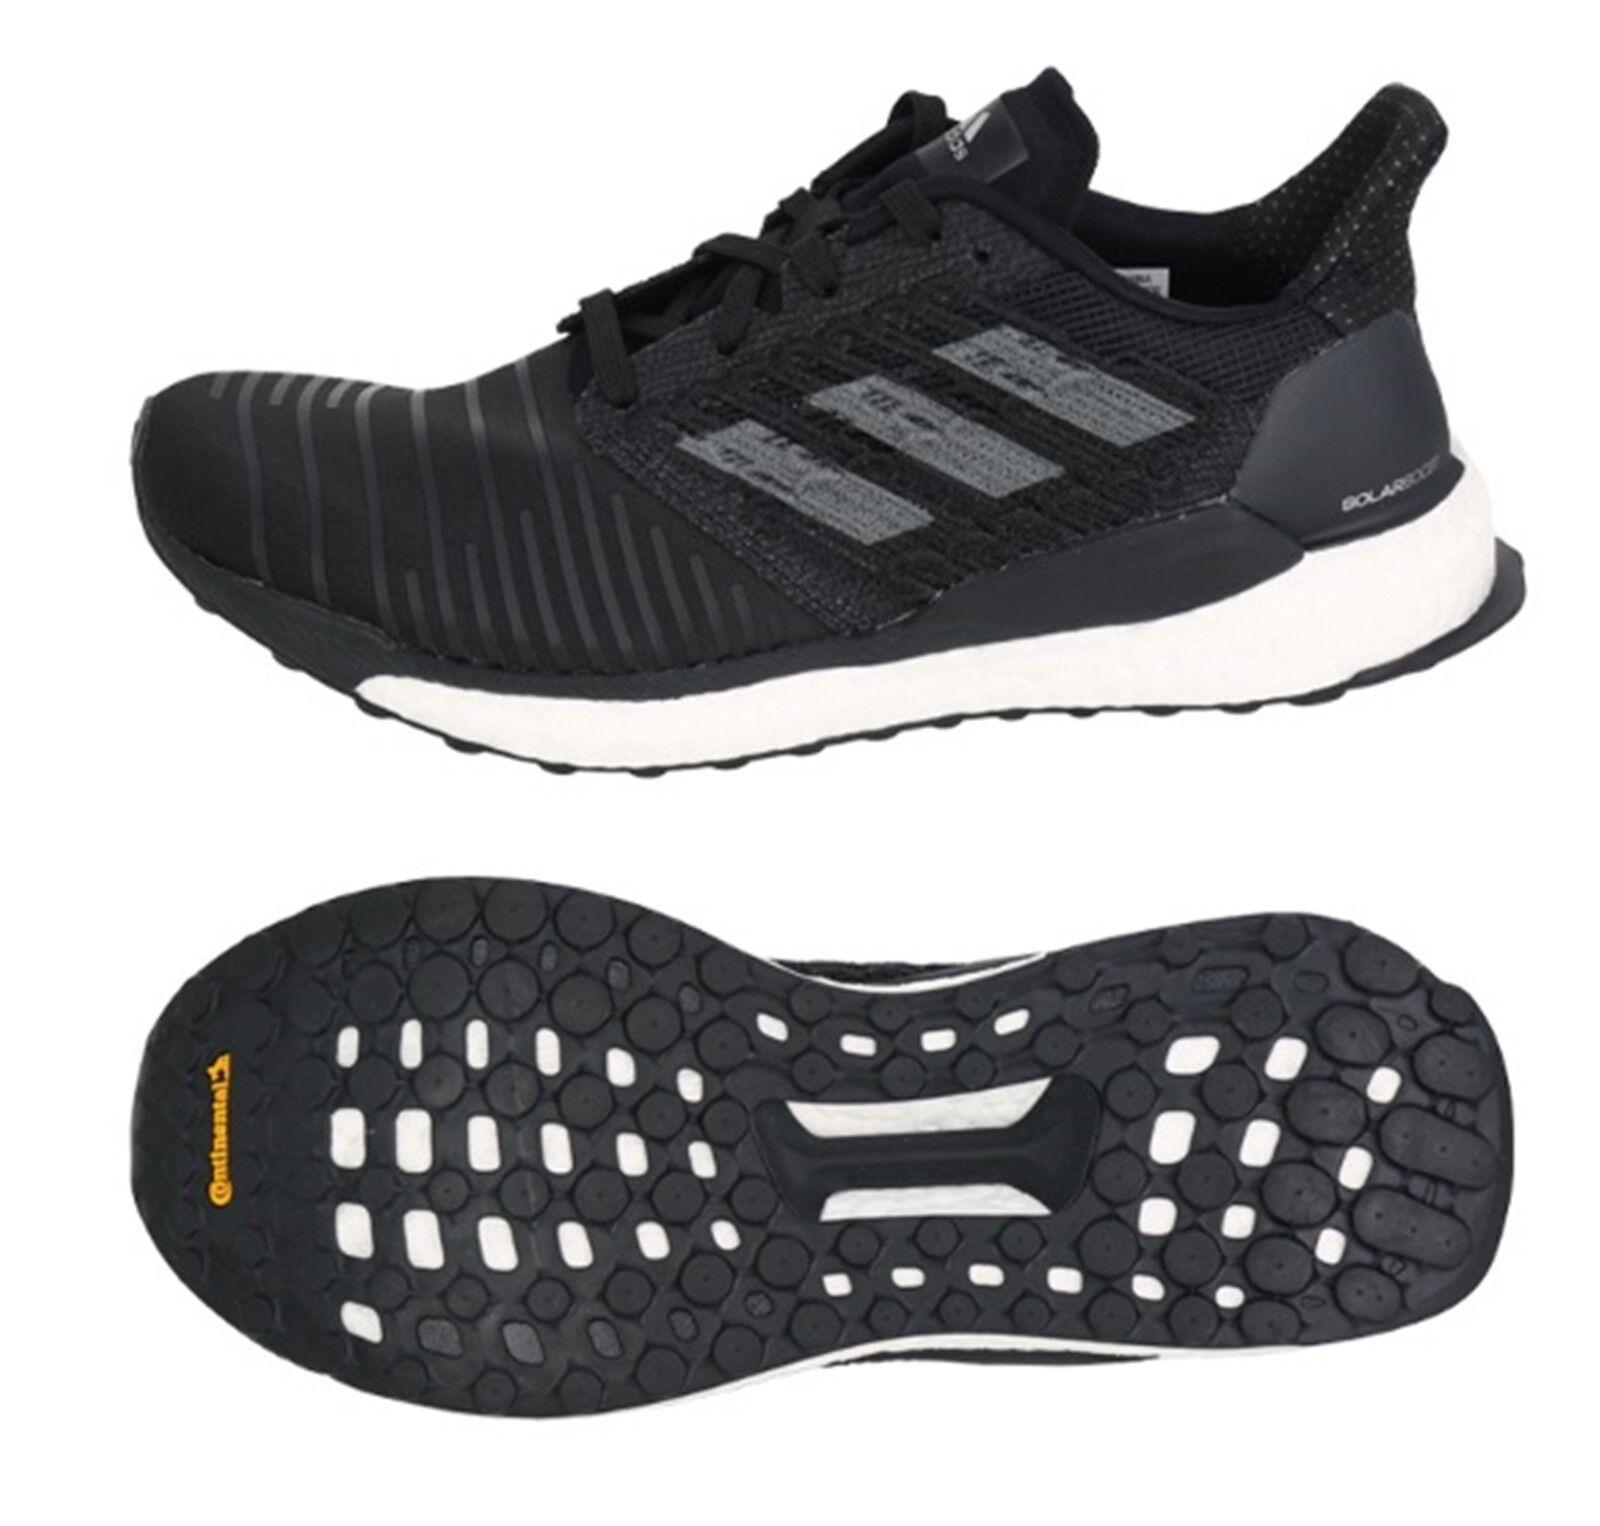 Schuhe Schwarz Originals Weiß Adidas Gesund Running